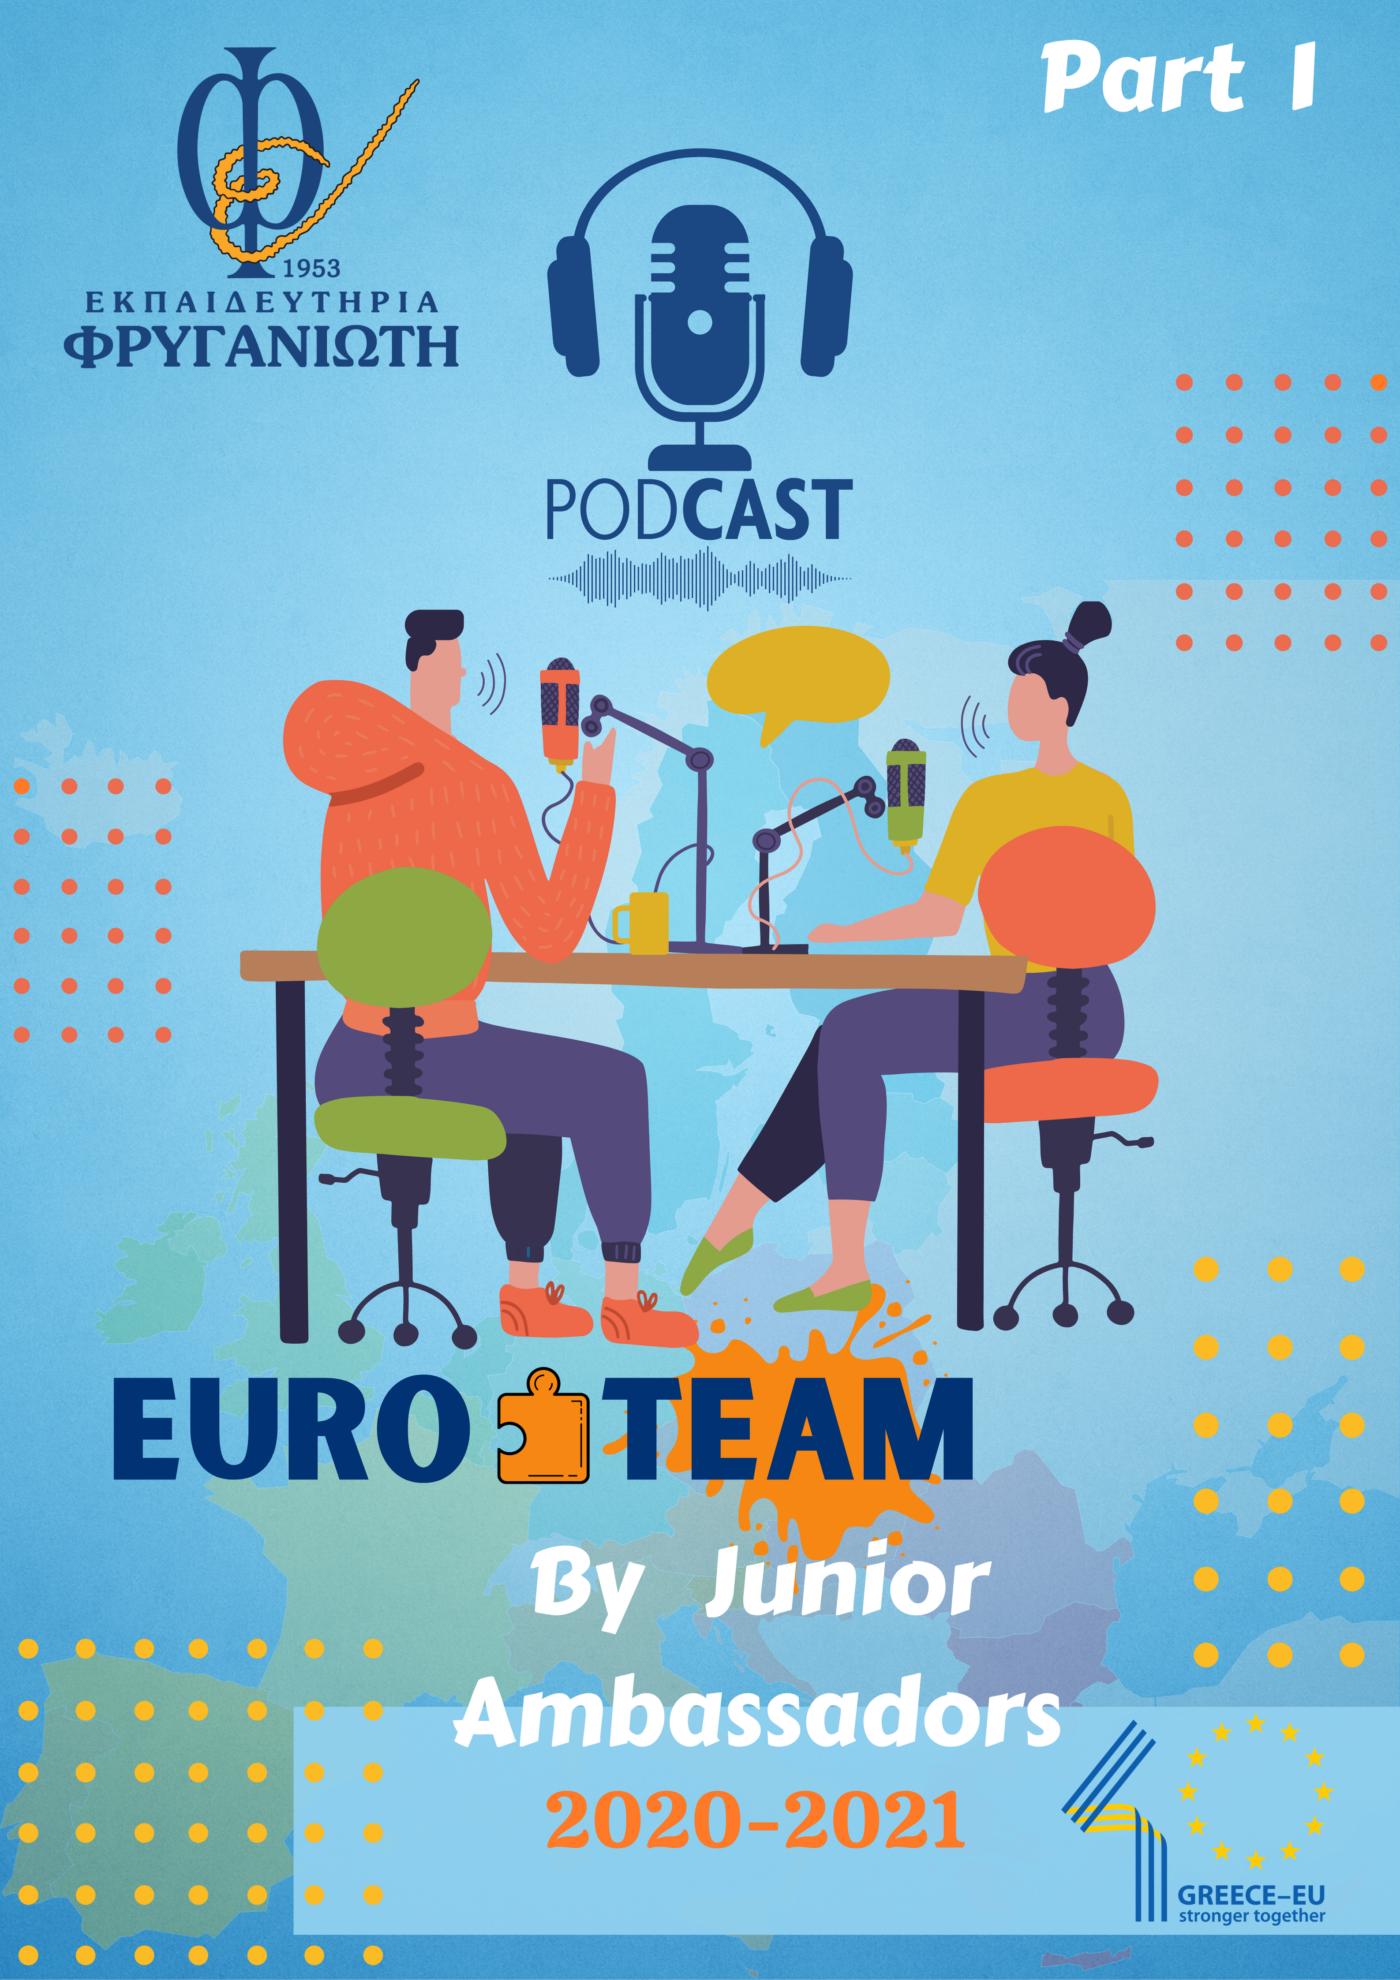 EU 2021 euro team 1